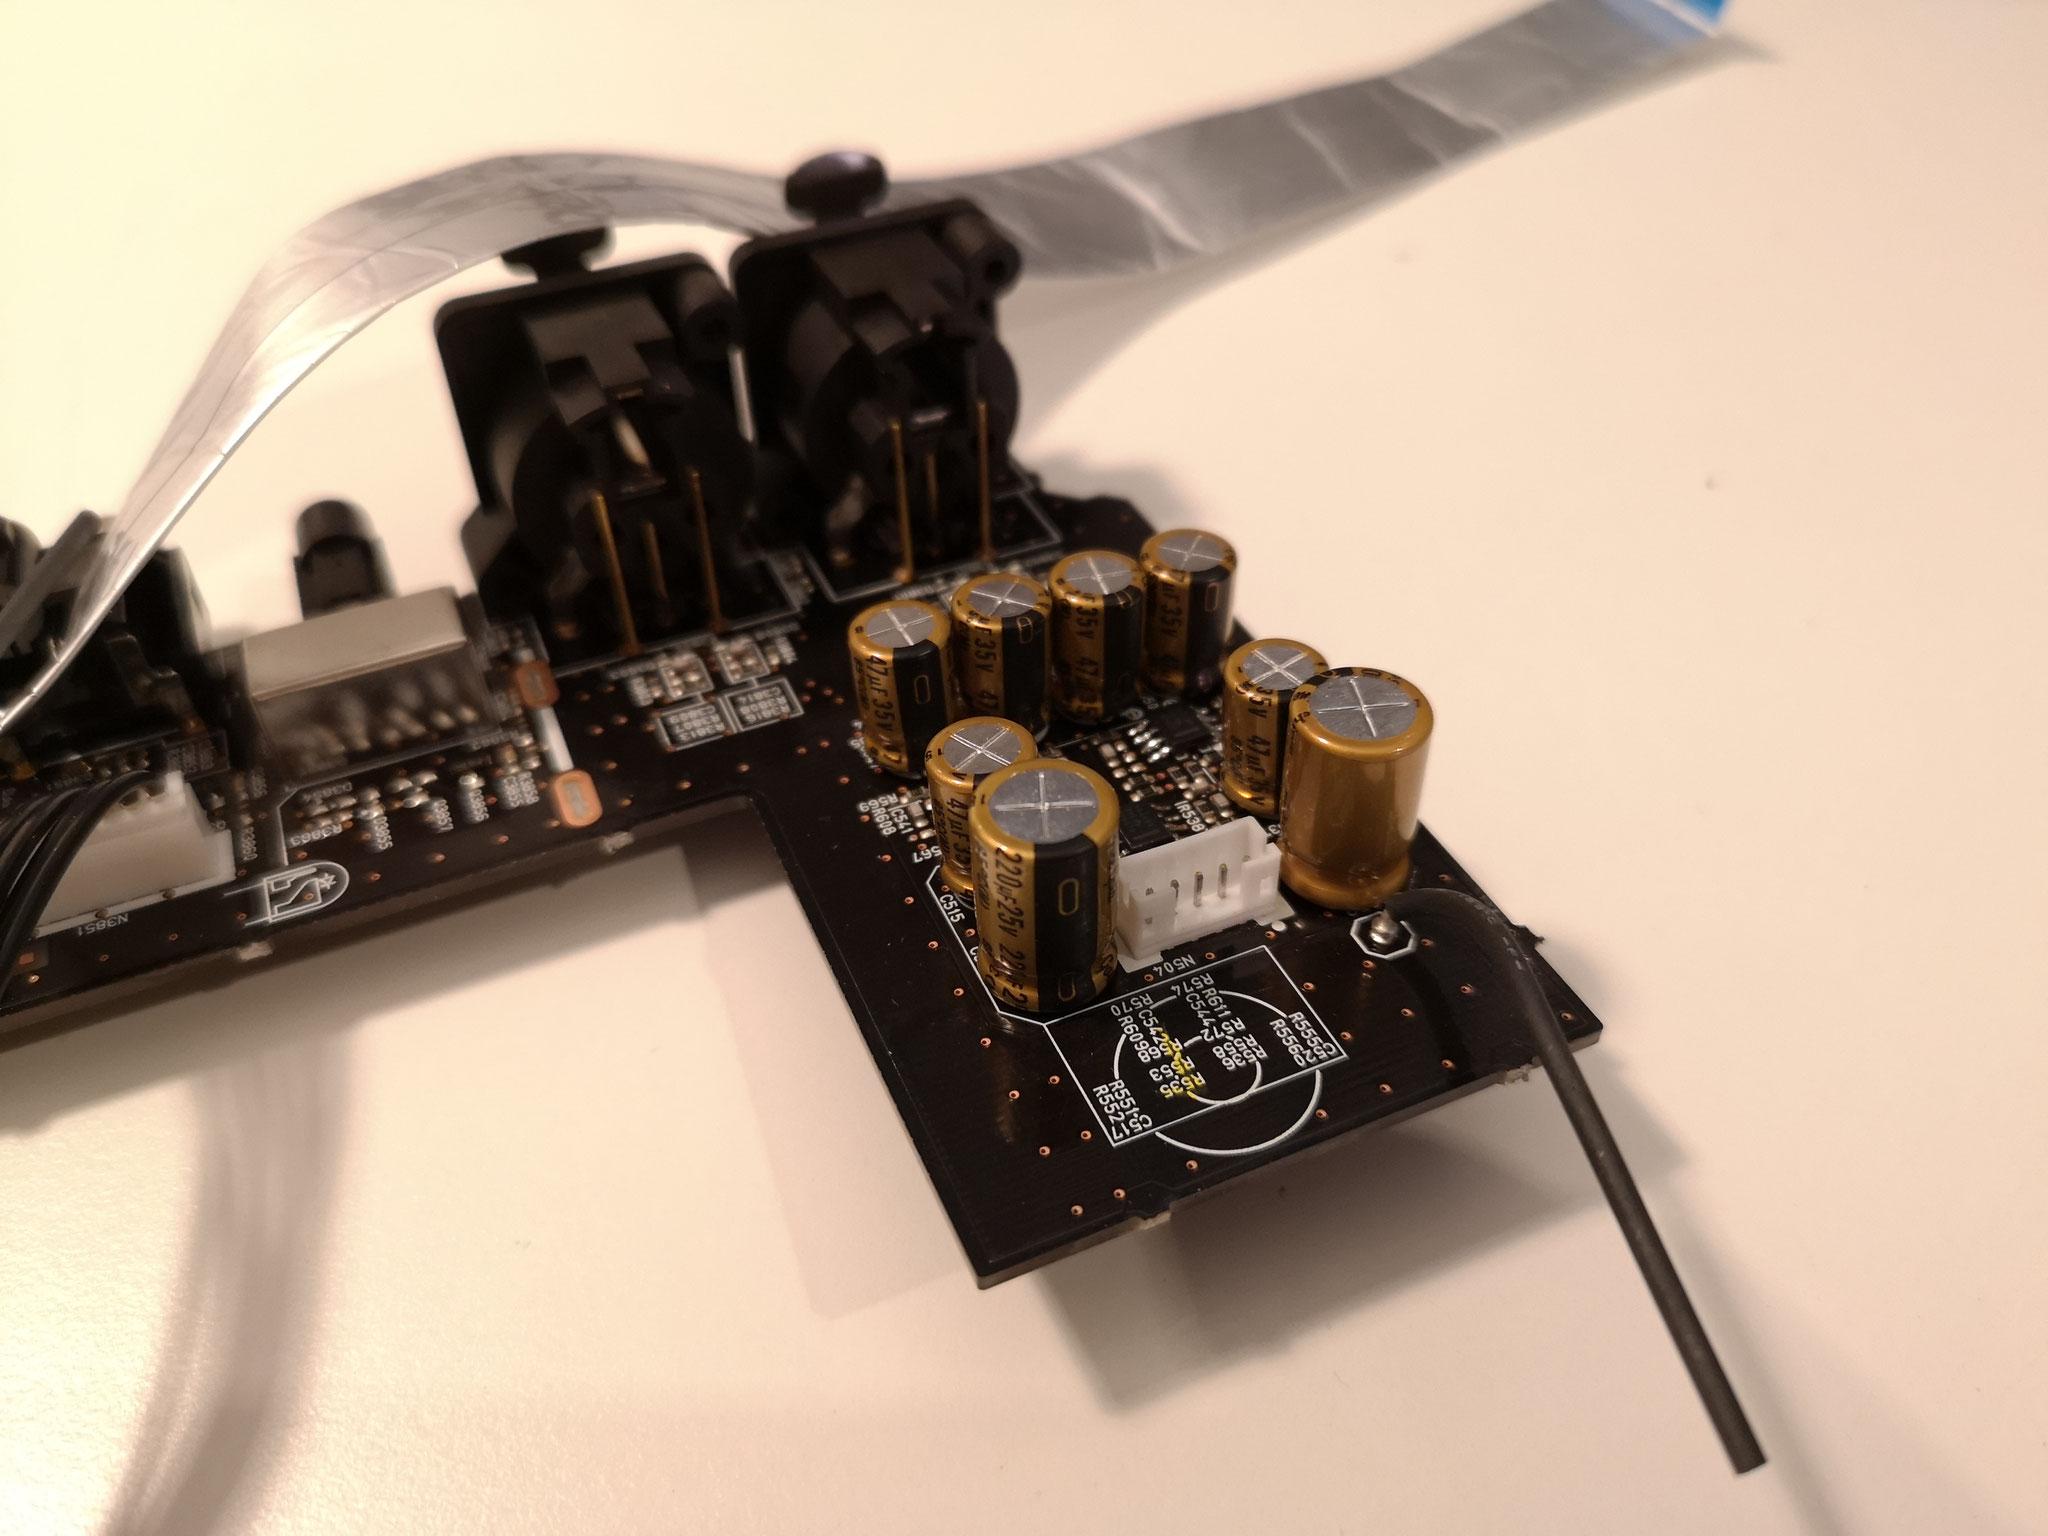 AV8805 XLR In Board mit hochwertiger Bestückung und besten Operationsverstärkern